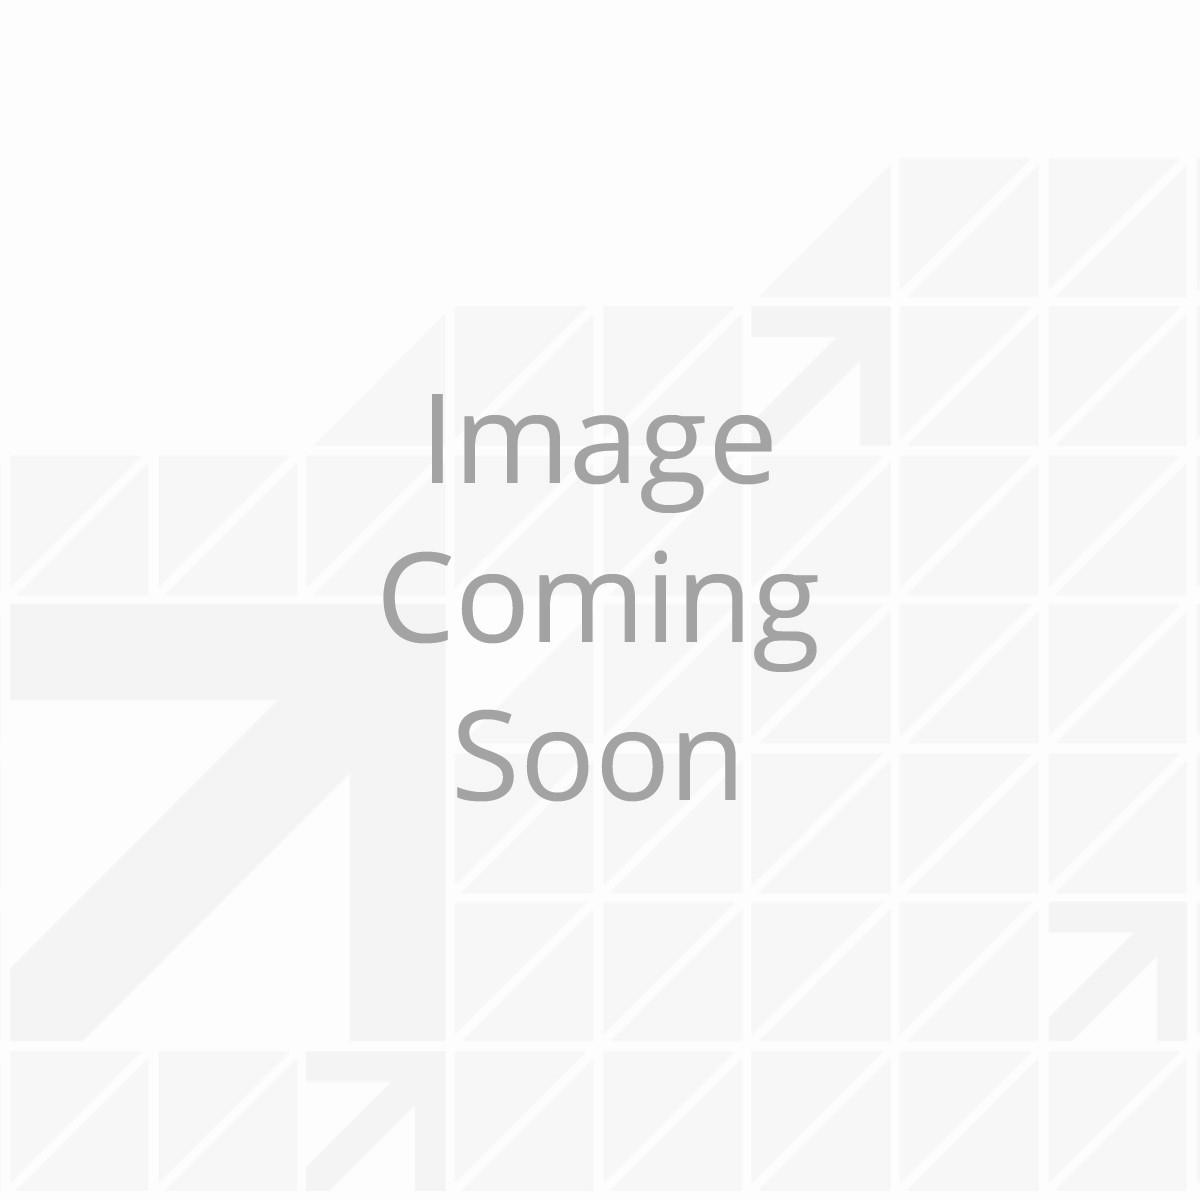 7165RcCeWJL._SX355_